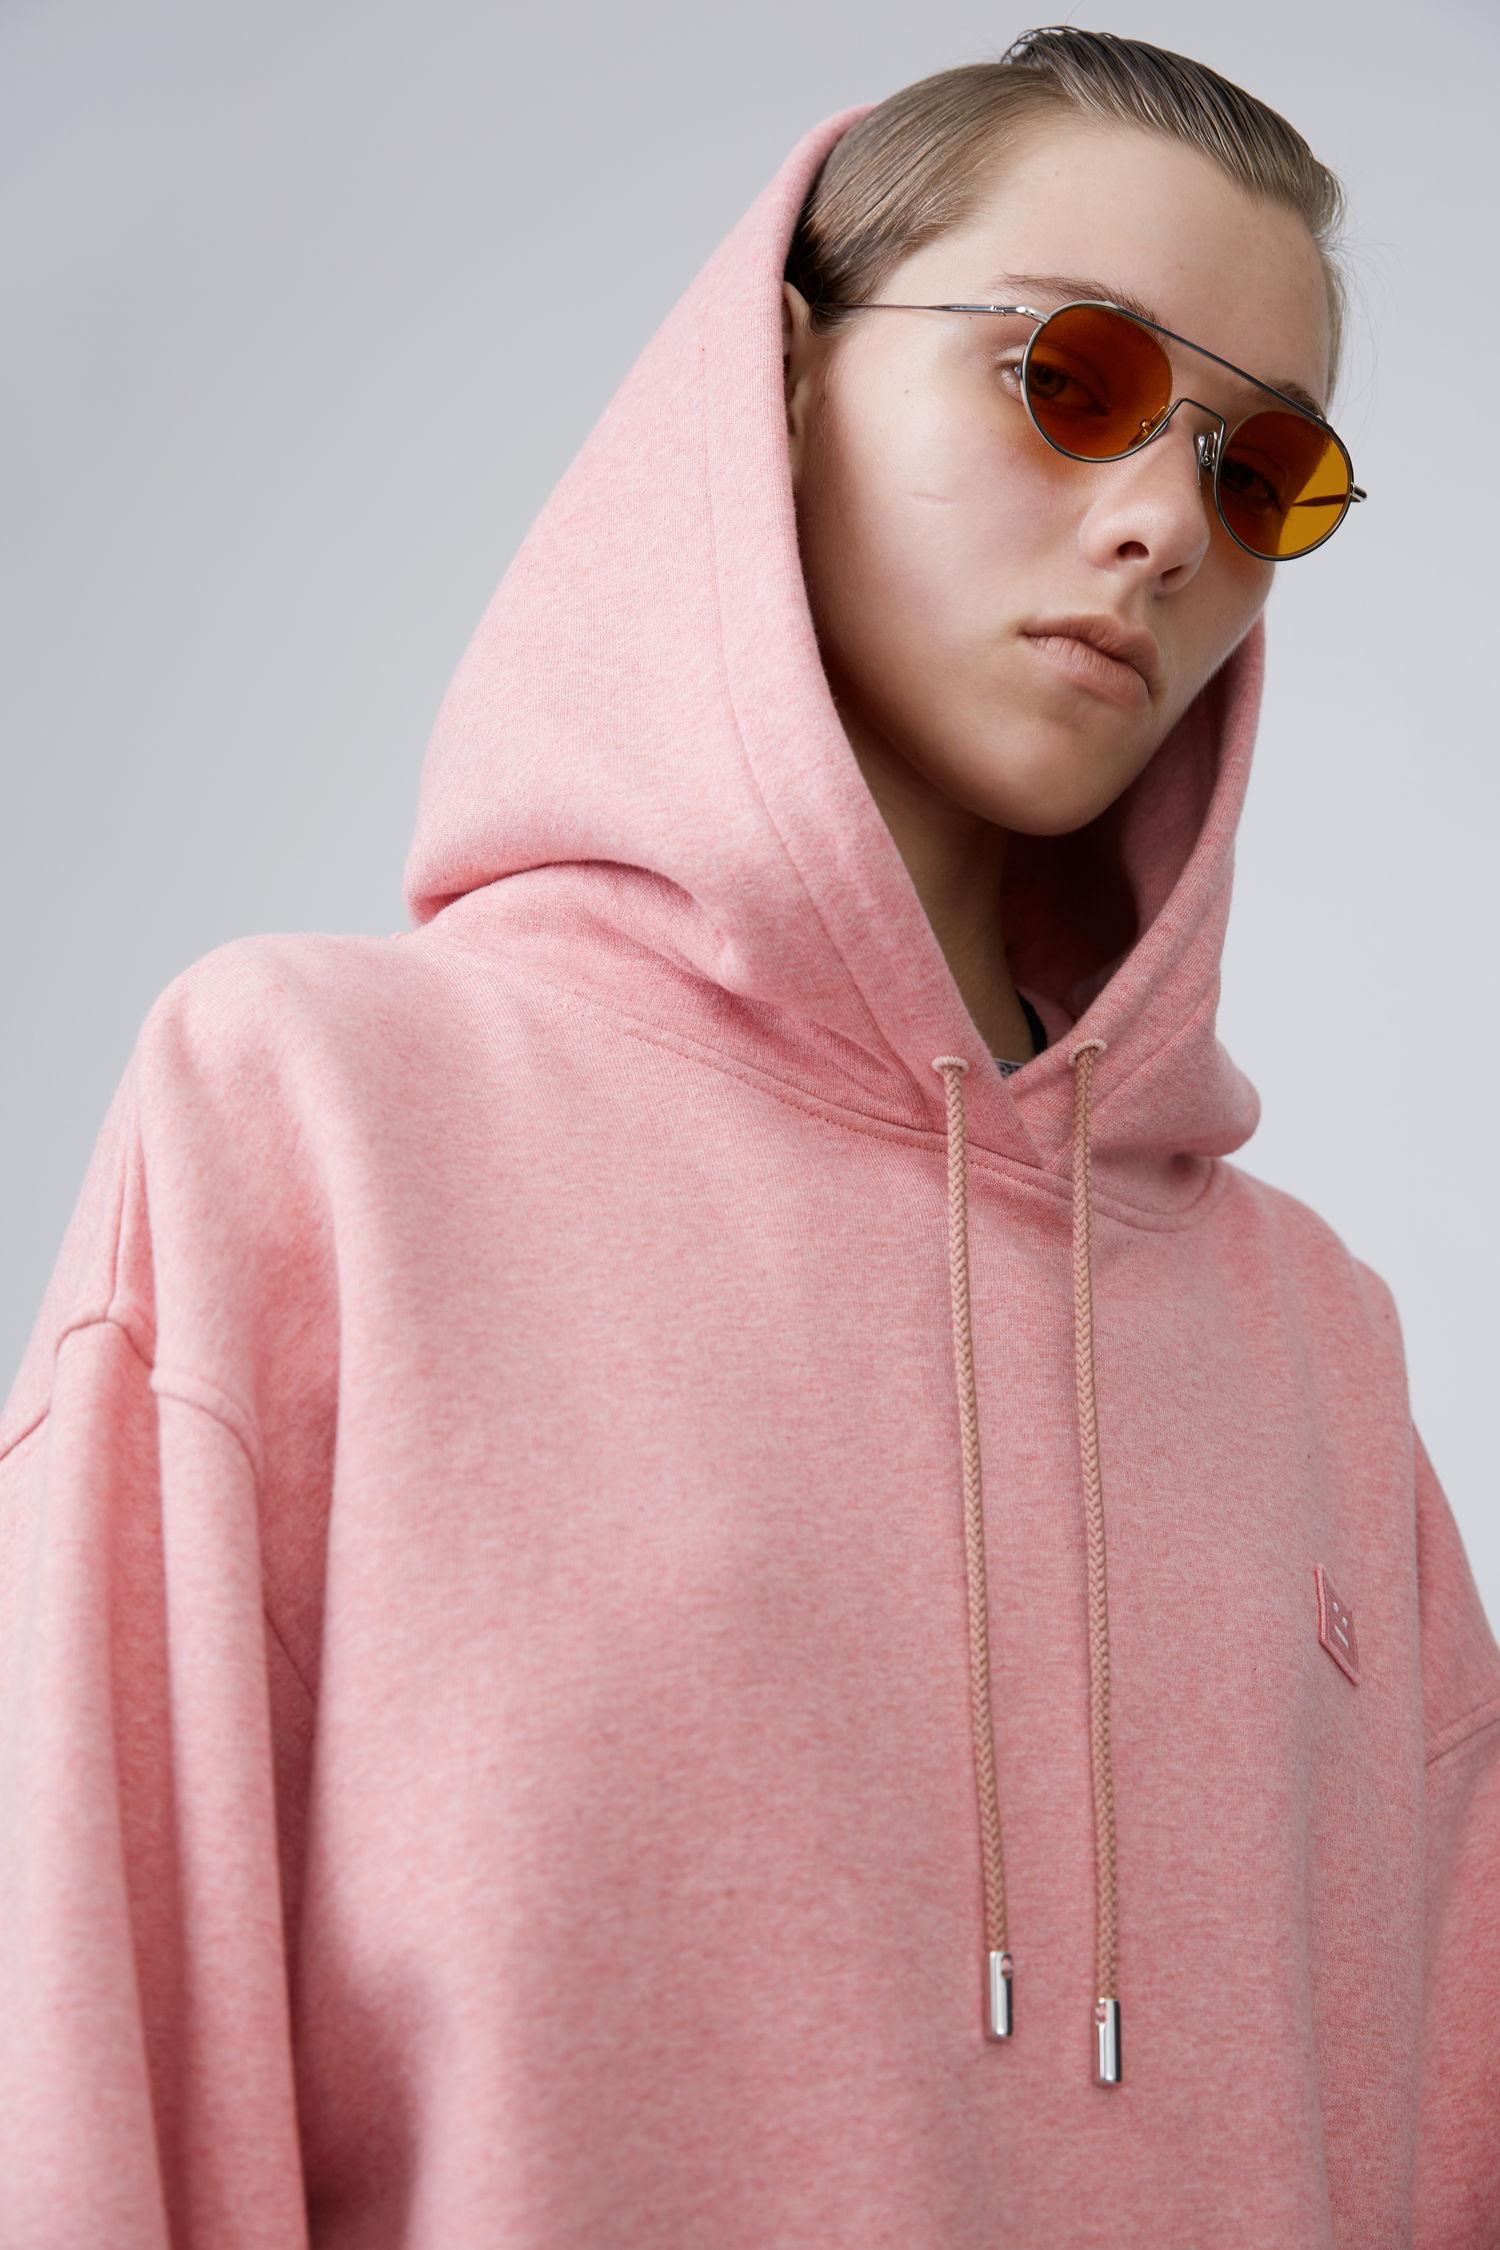 facials pink